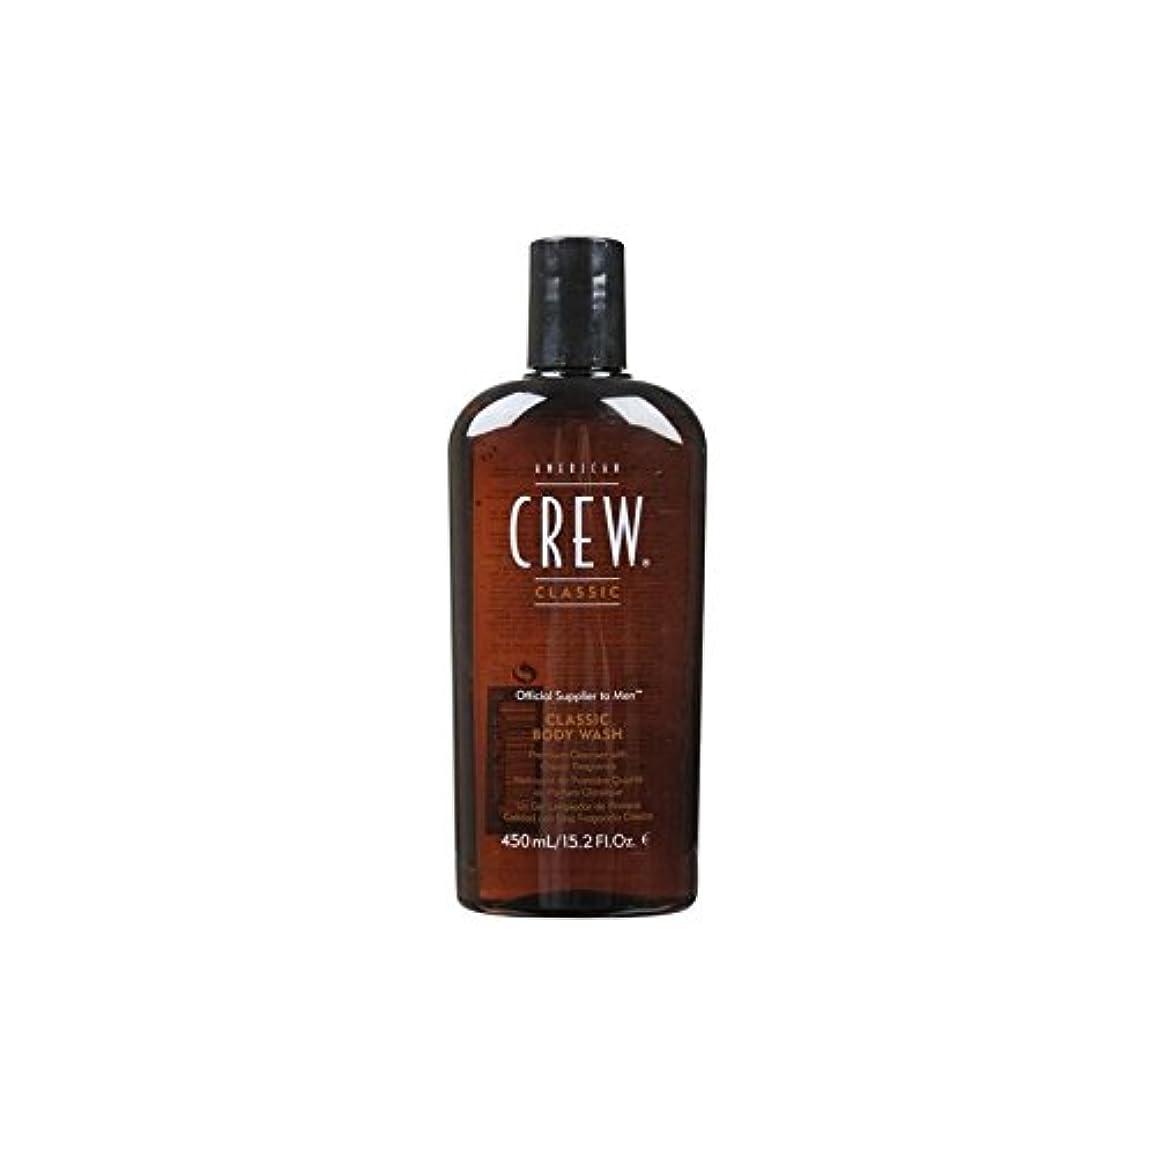 作曲家異なる書き込みアメリカンクルークラシックなボディウォッシュ(450ミリリットル) x4 - American Crew Classic Body Wash (450ml) (Pack of 4) [並行輸入品]